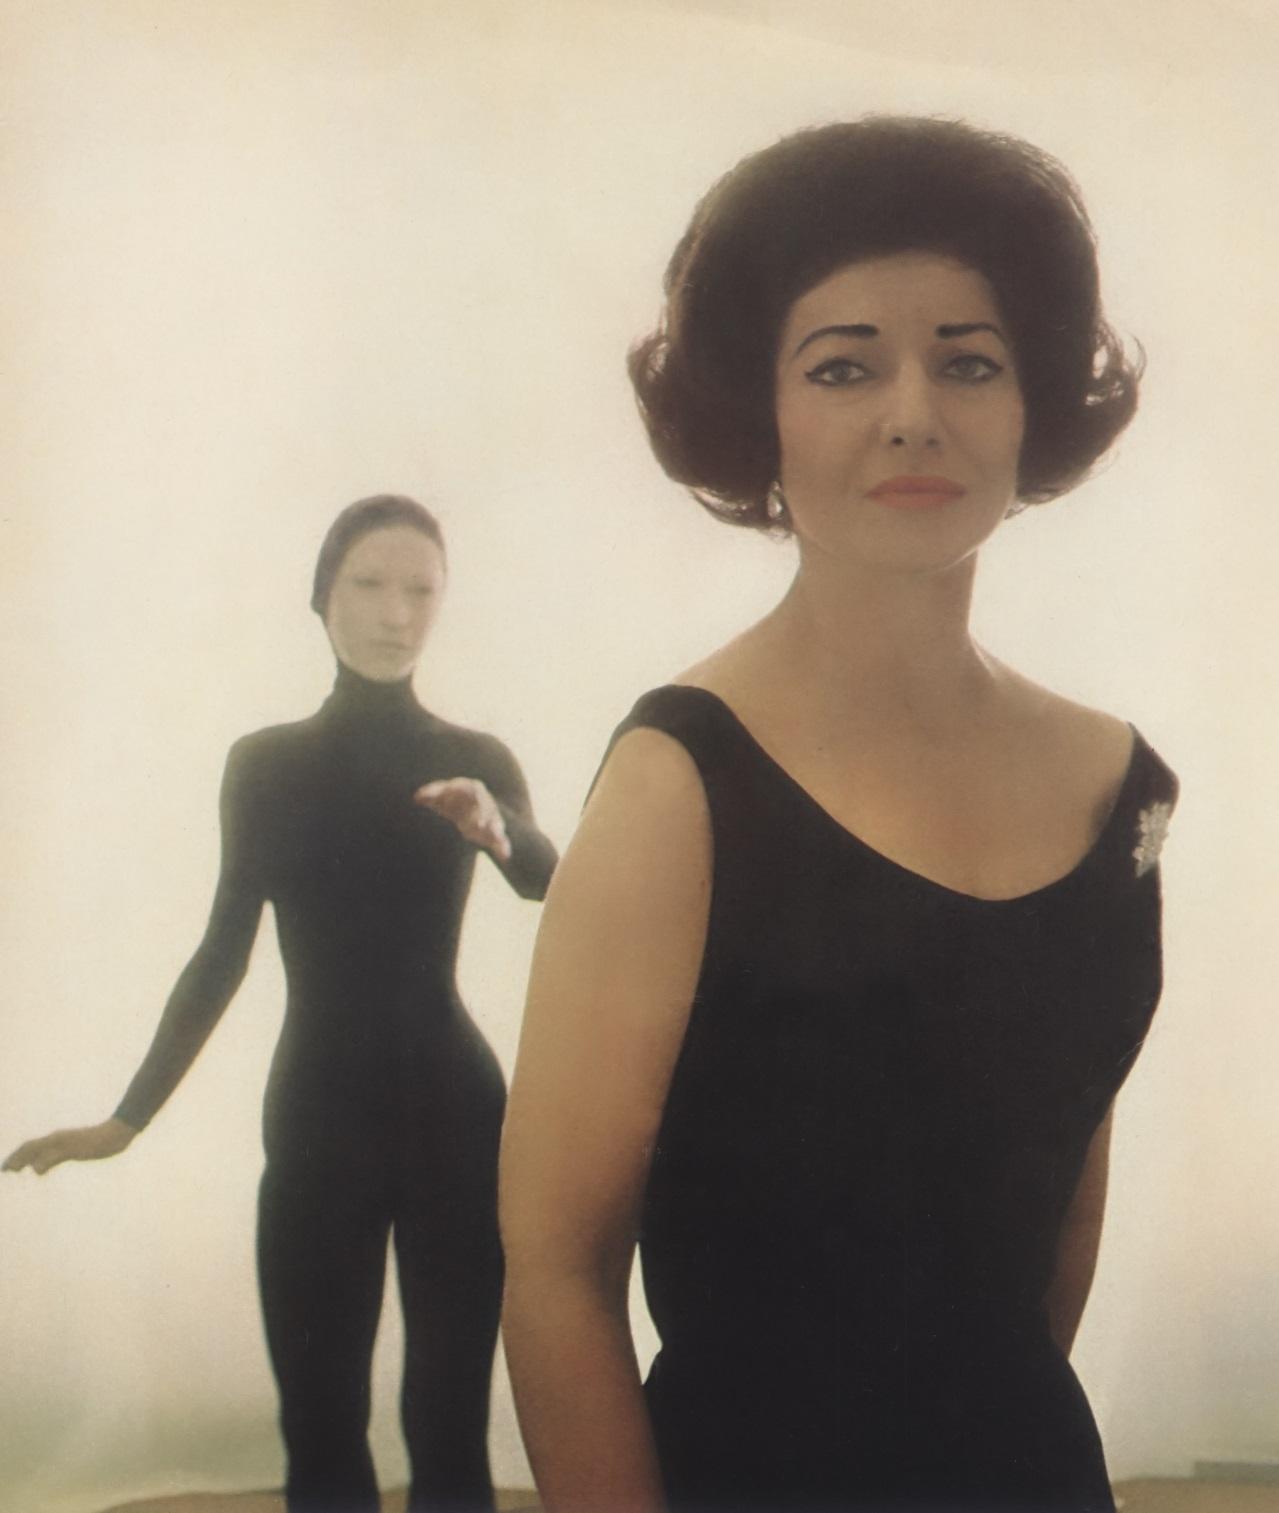 La Callas, du mal d'amour à la vénération